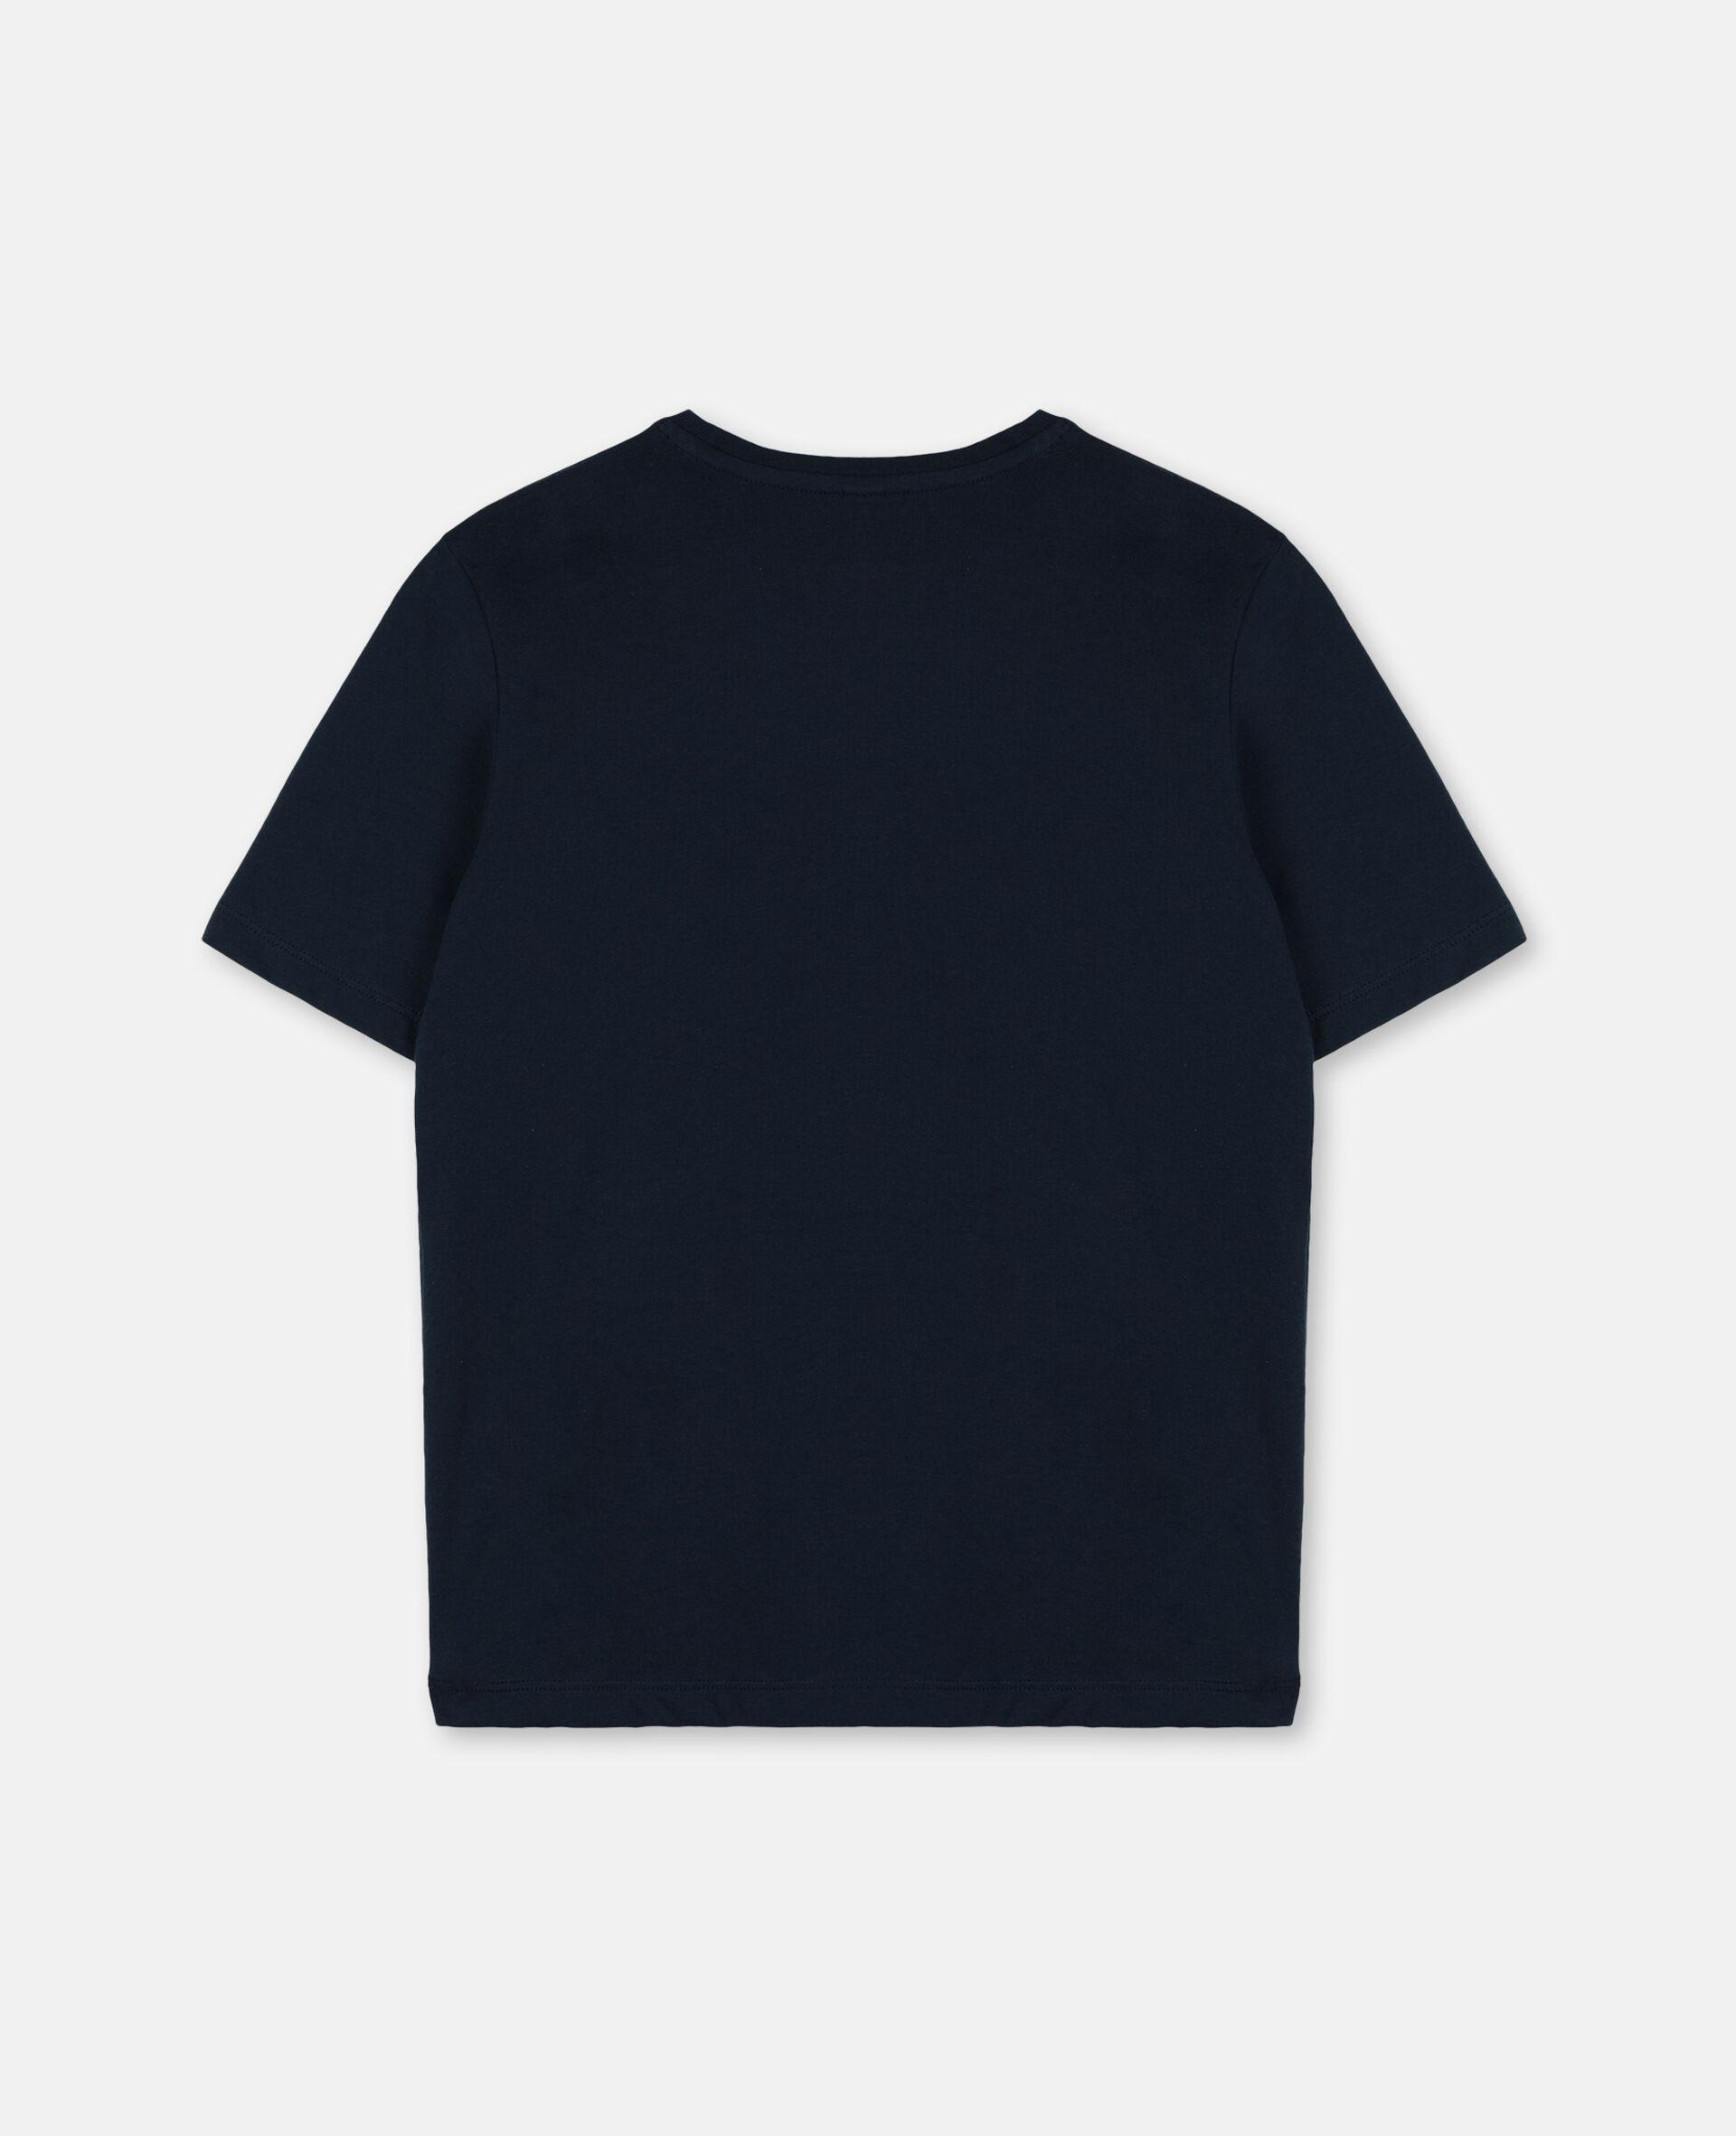 パーム オーバーサイズ コットン ロゴ Tシャツ-ブルー-large image number 3